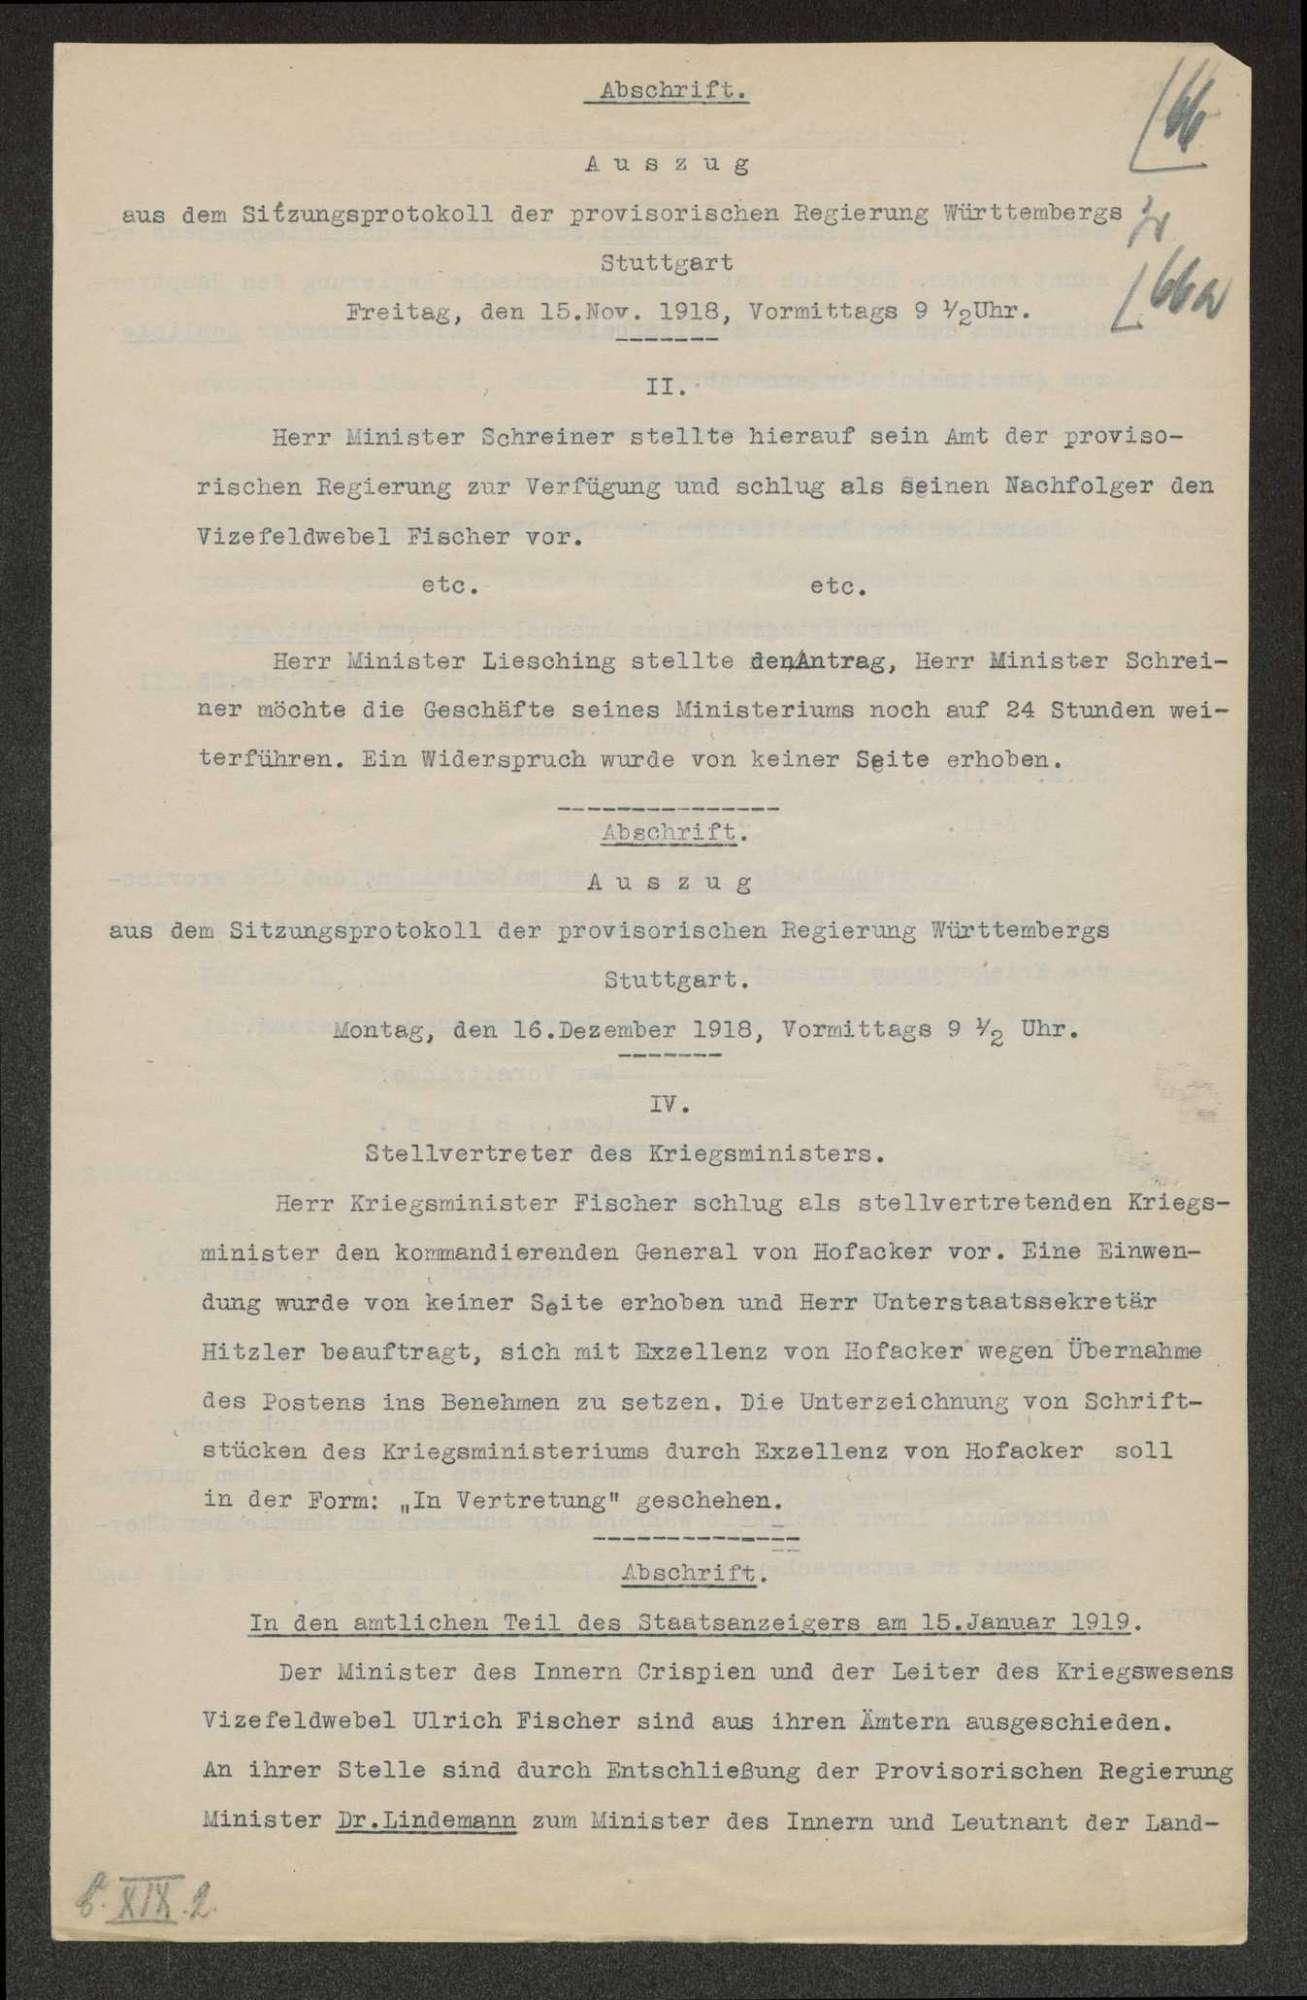 Bildung der Württ. Landesregierung, Ernennung und Entlassung der Minister, Bild 3